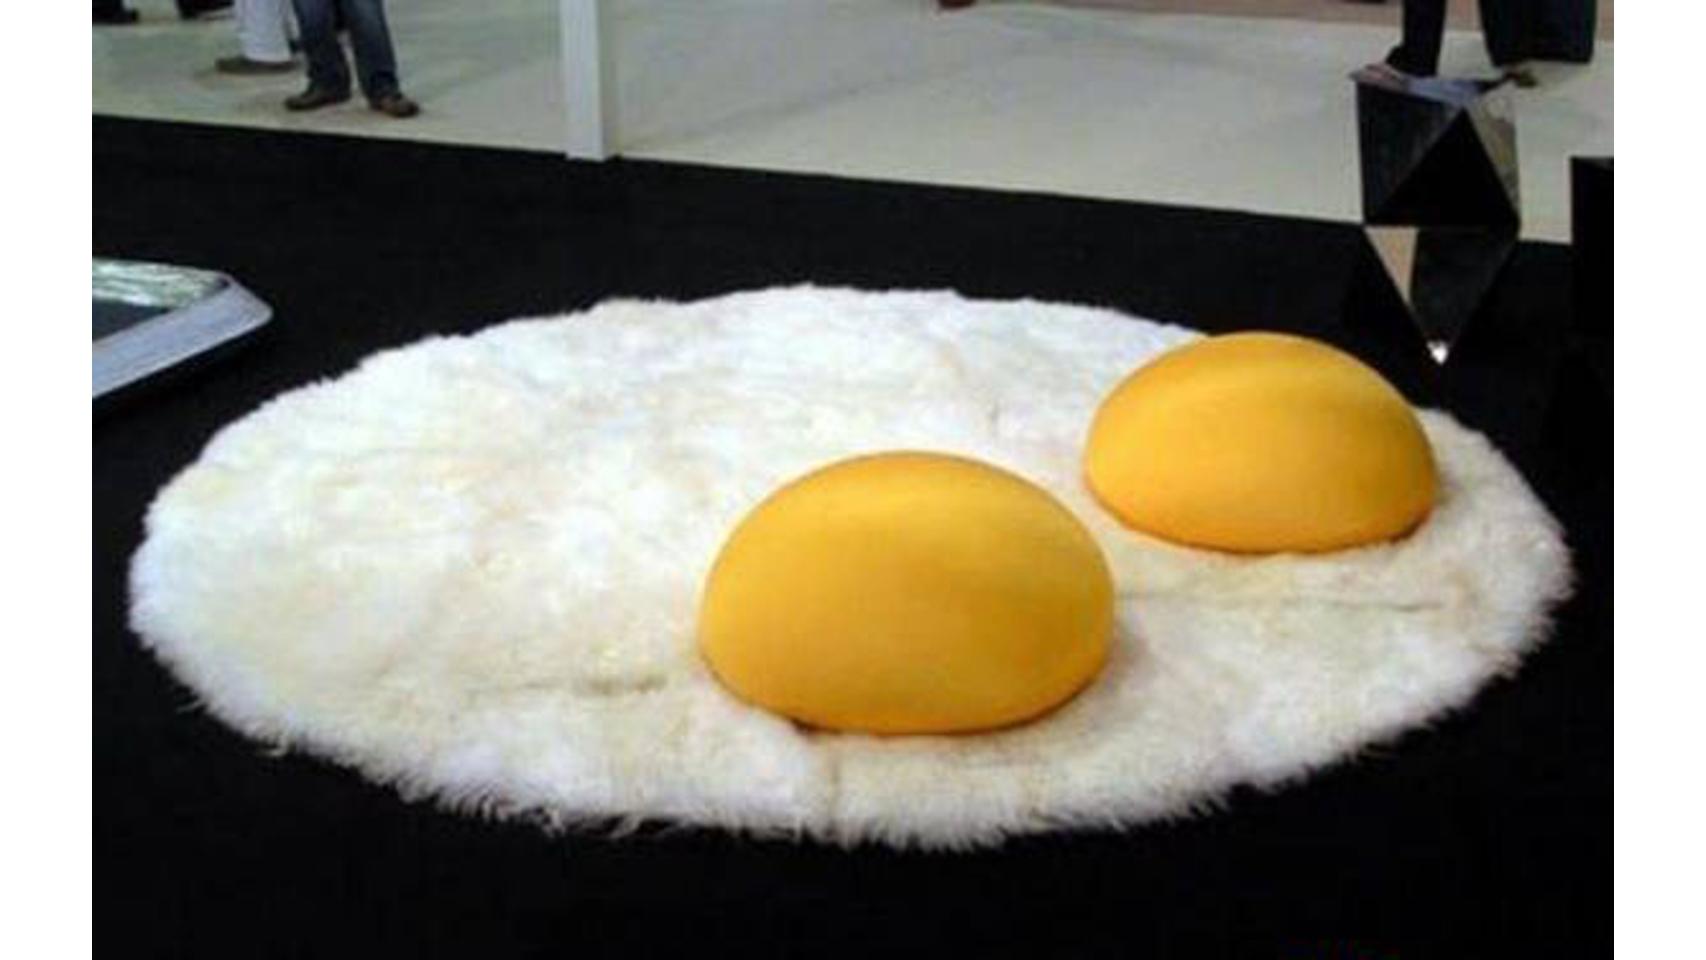 Alfombra huevos fritos.